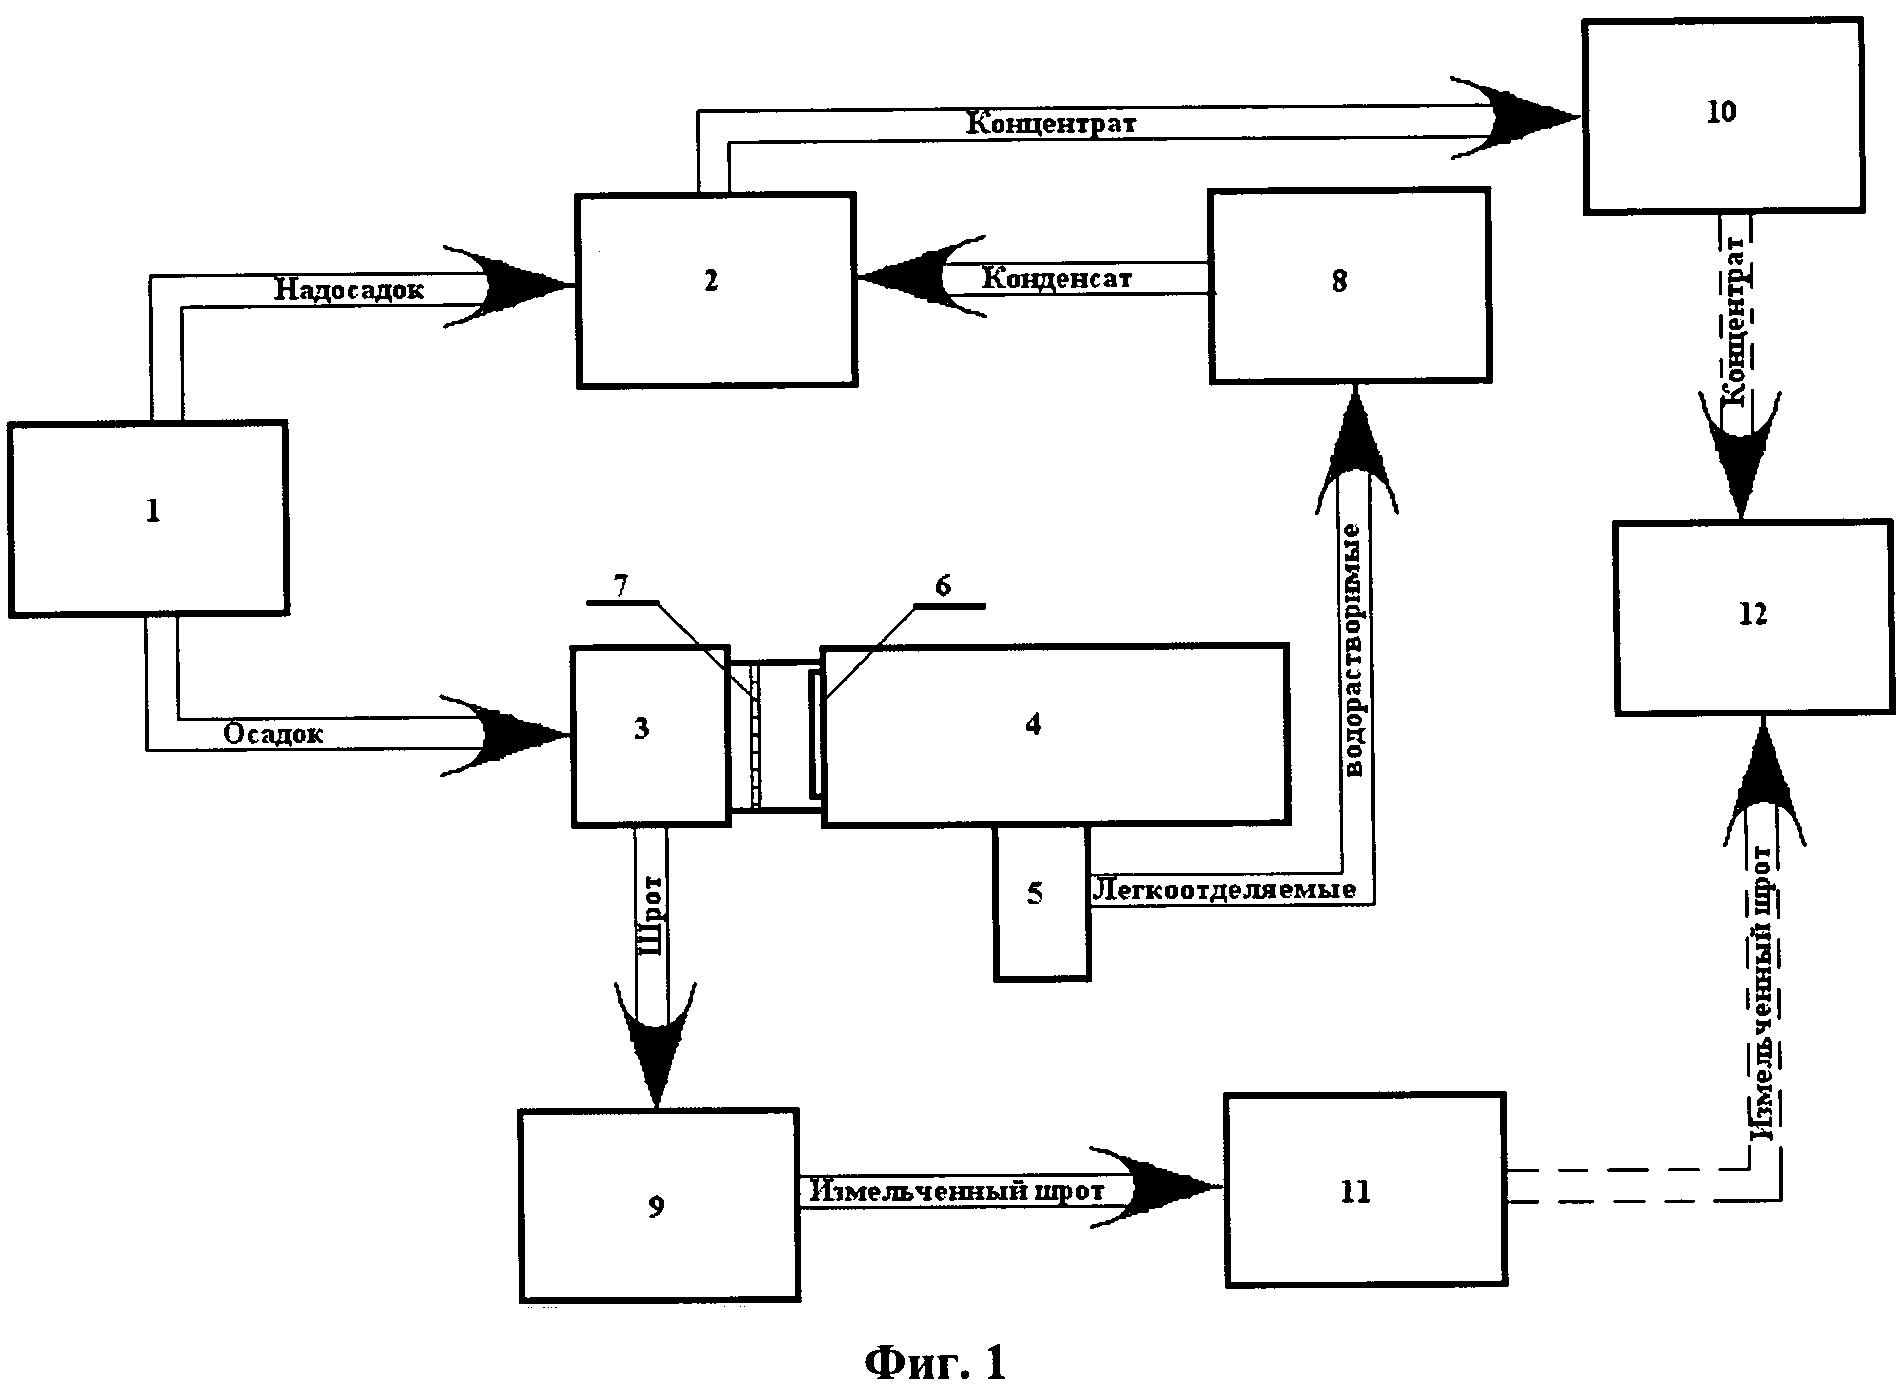 Способ получения концентрата сапропеля